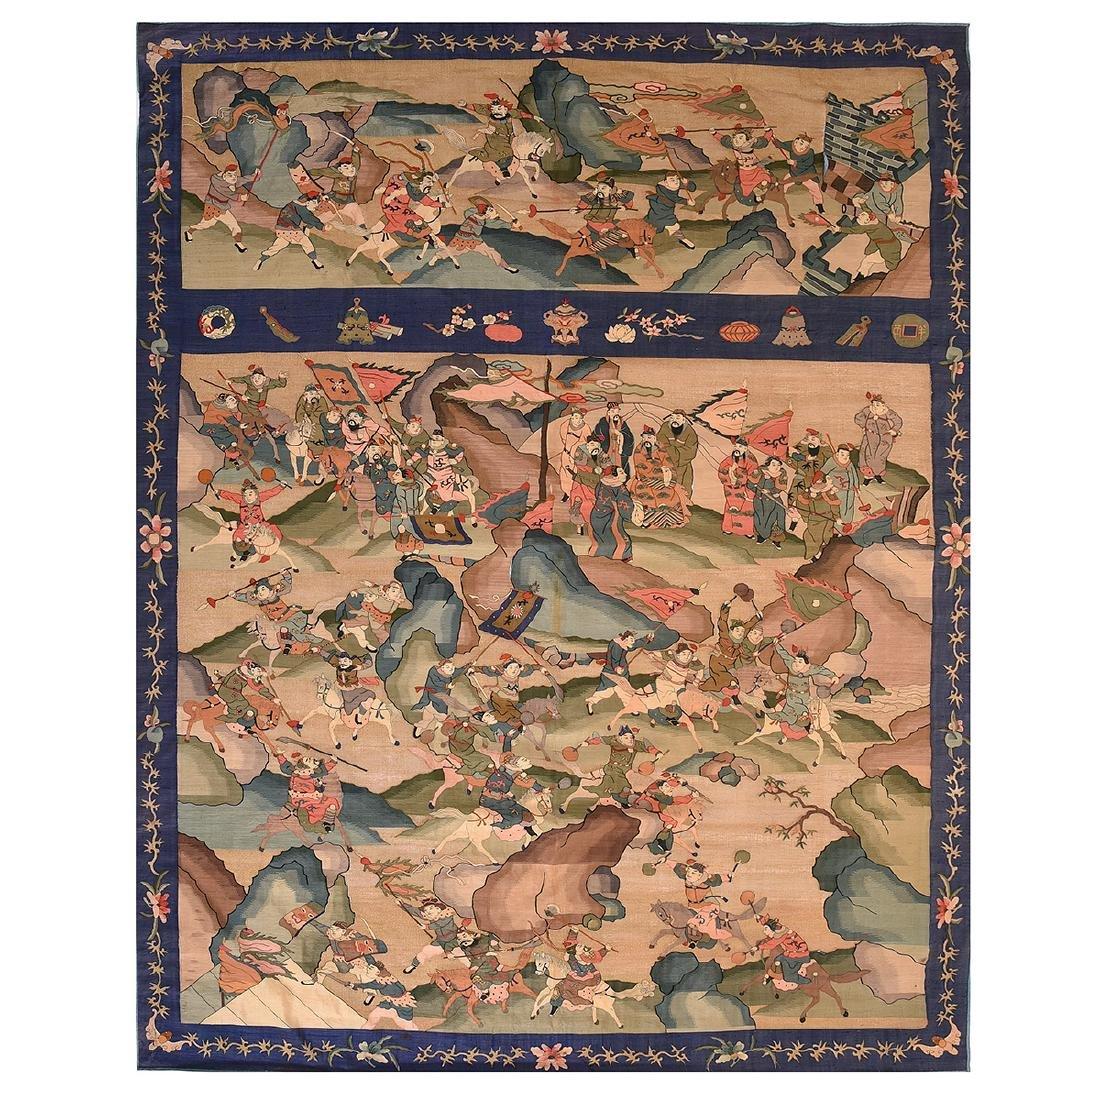 Kesi Woven Tapestry Panel of Battle Scene